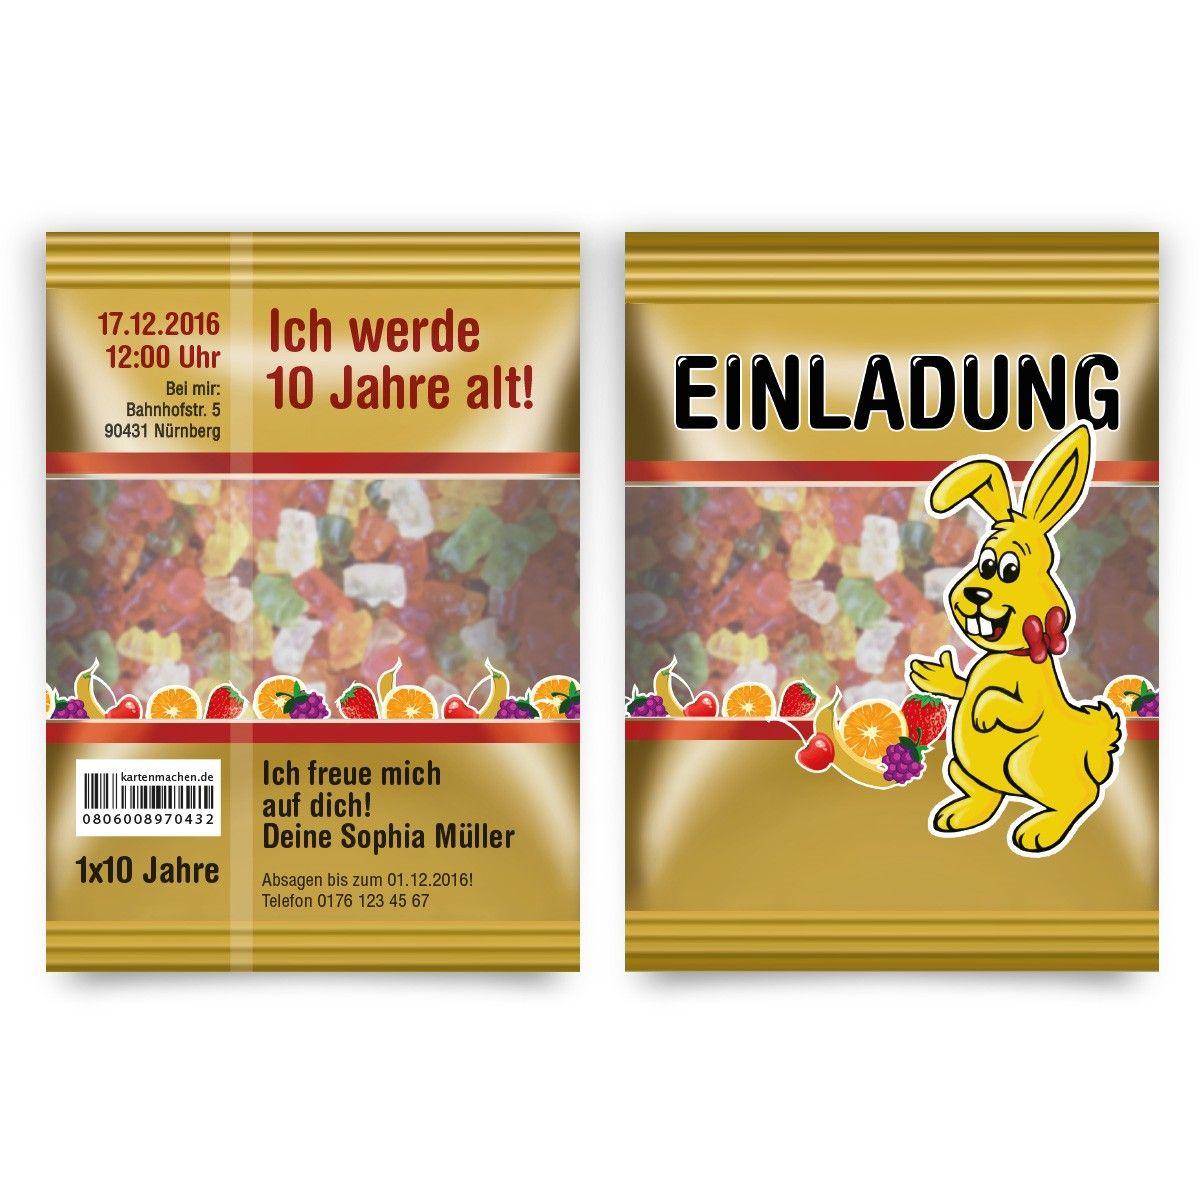 Einladung Kindergeburtstag - Gummibärchen Tüte Motiv #geburtstag ...